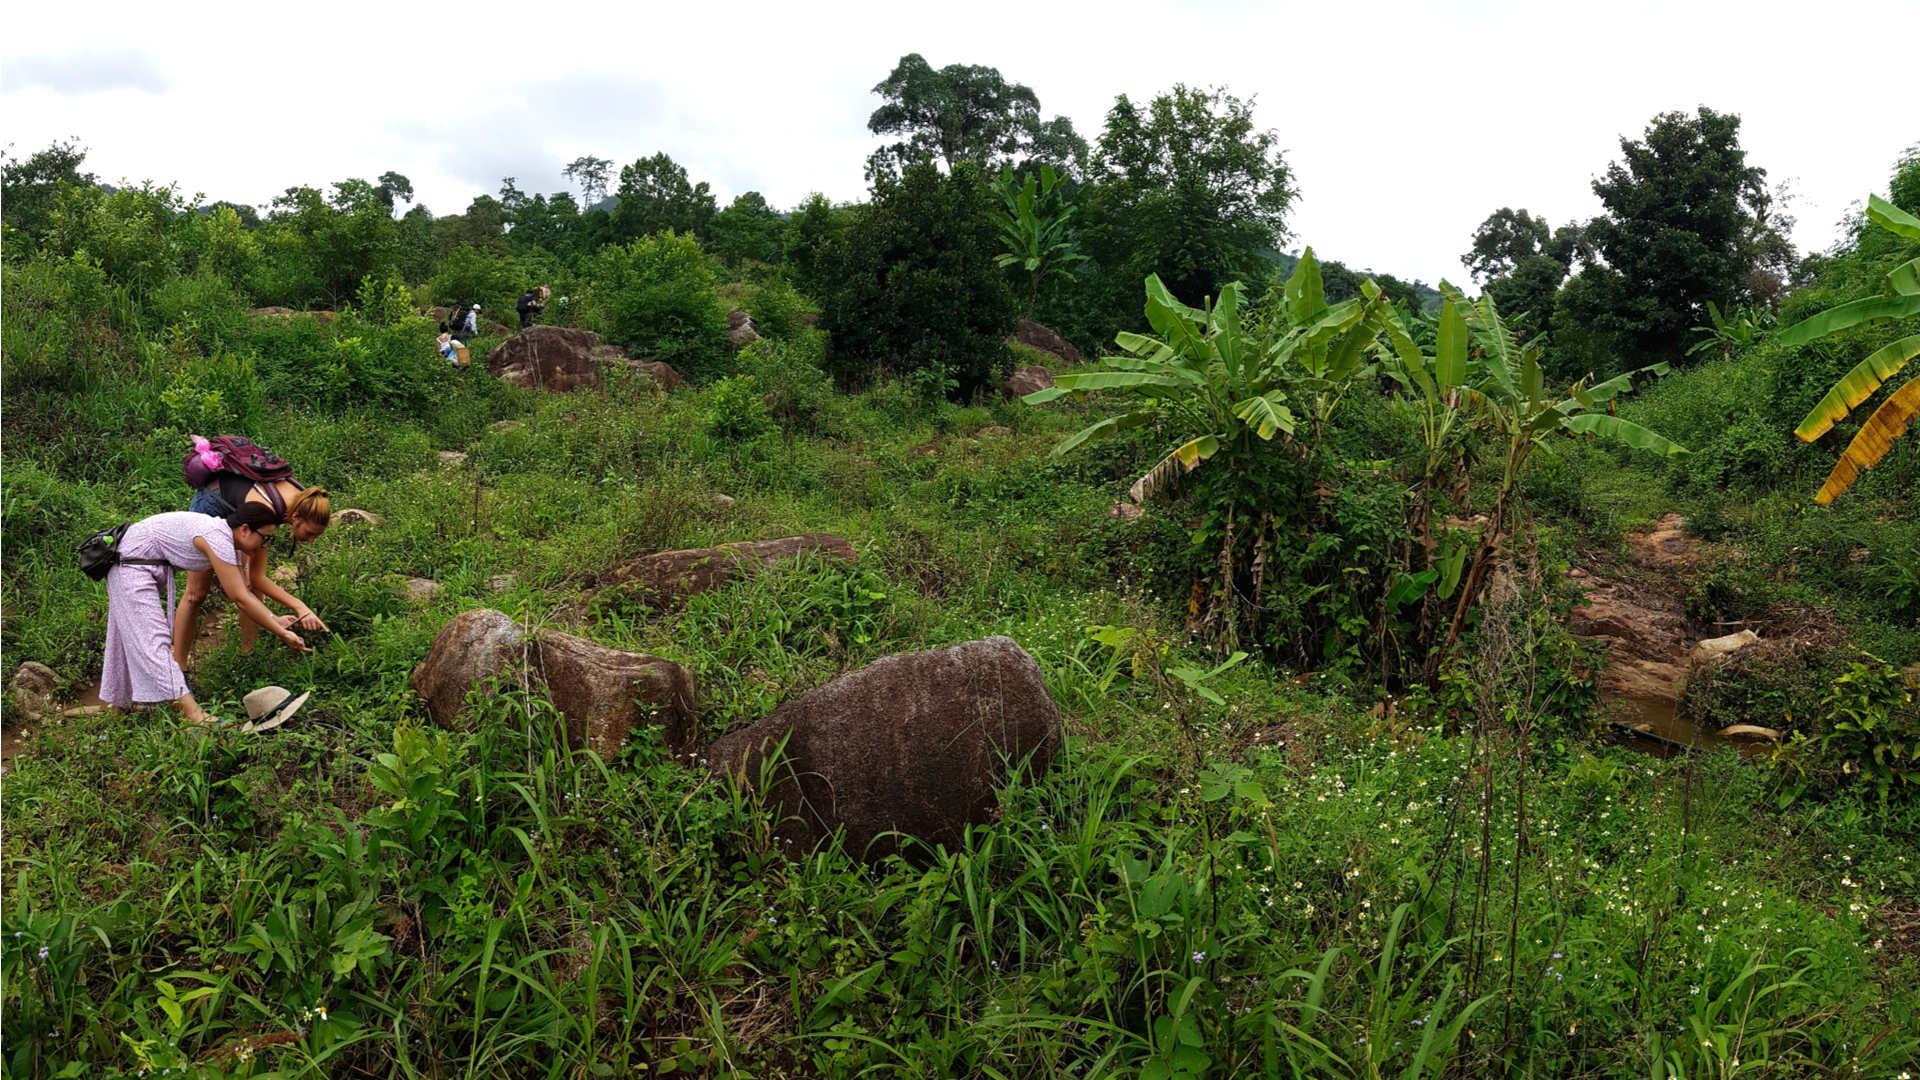 Kaffeeplantagen Trekking Reise Touristen entdecken Natur in Dak Lak Provinz Vietnam